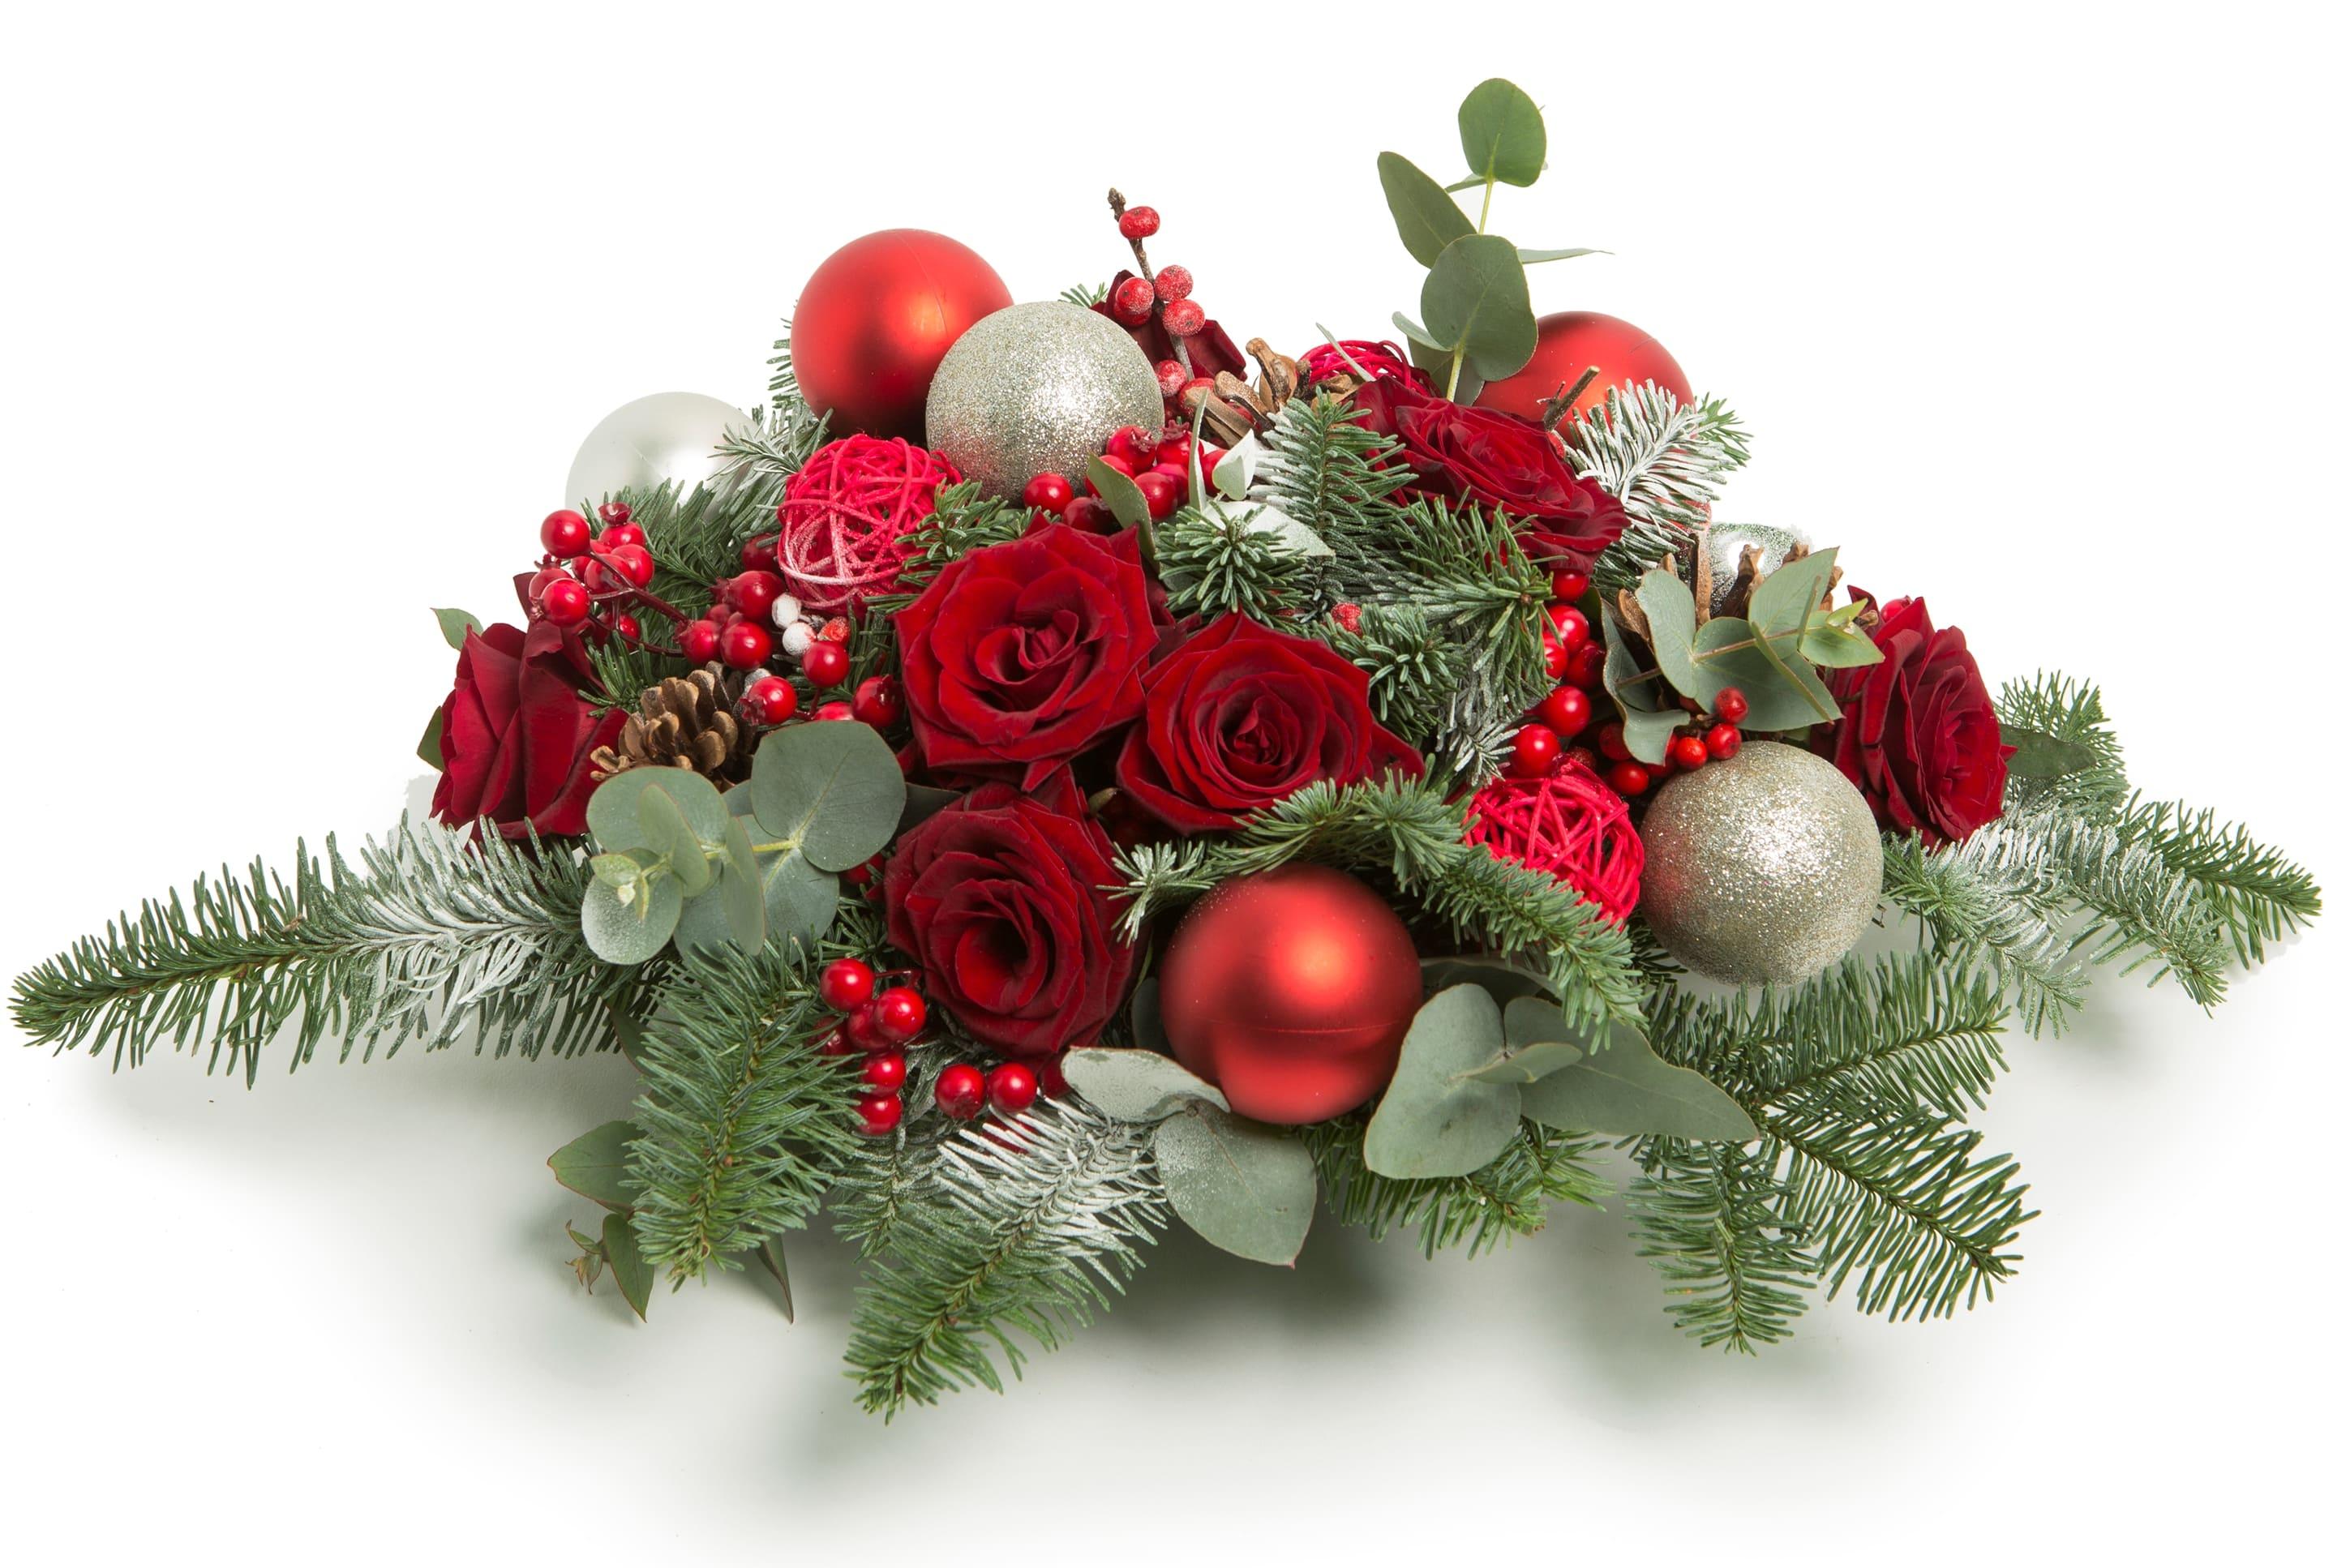 Цветы новогодние картинки, картинки любви открытки